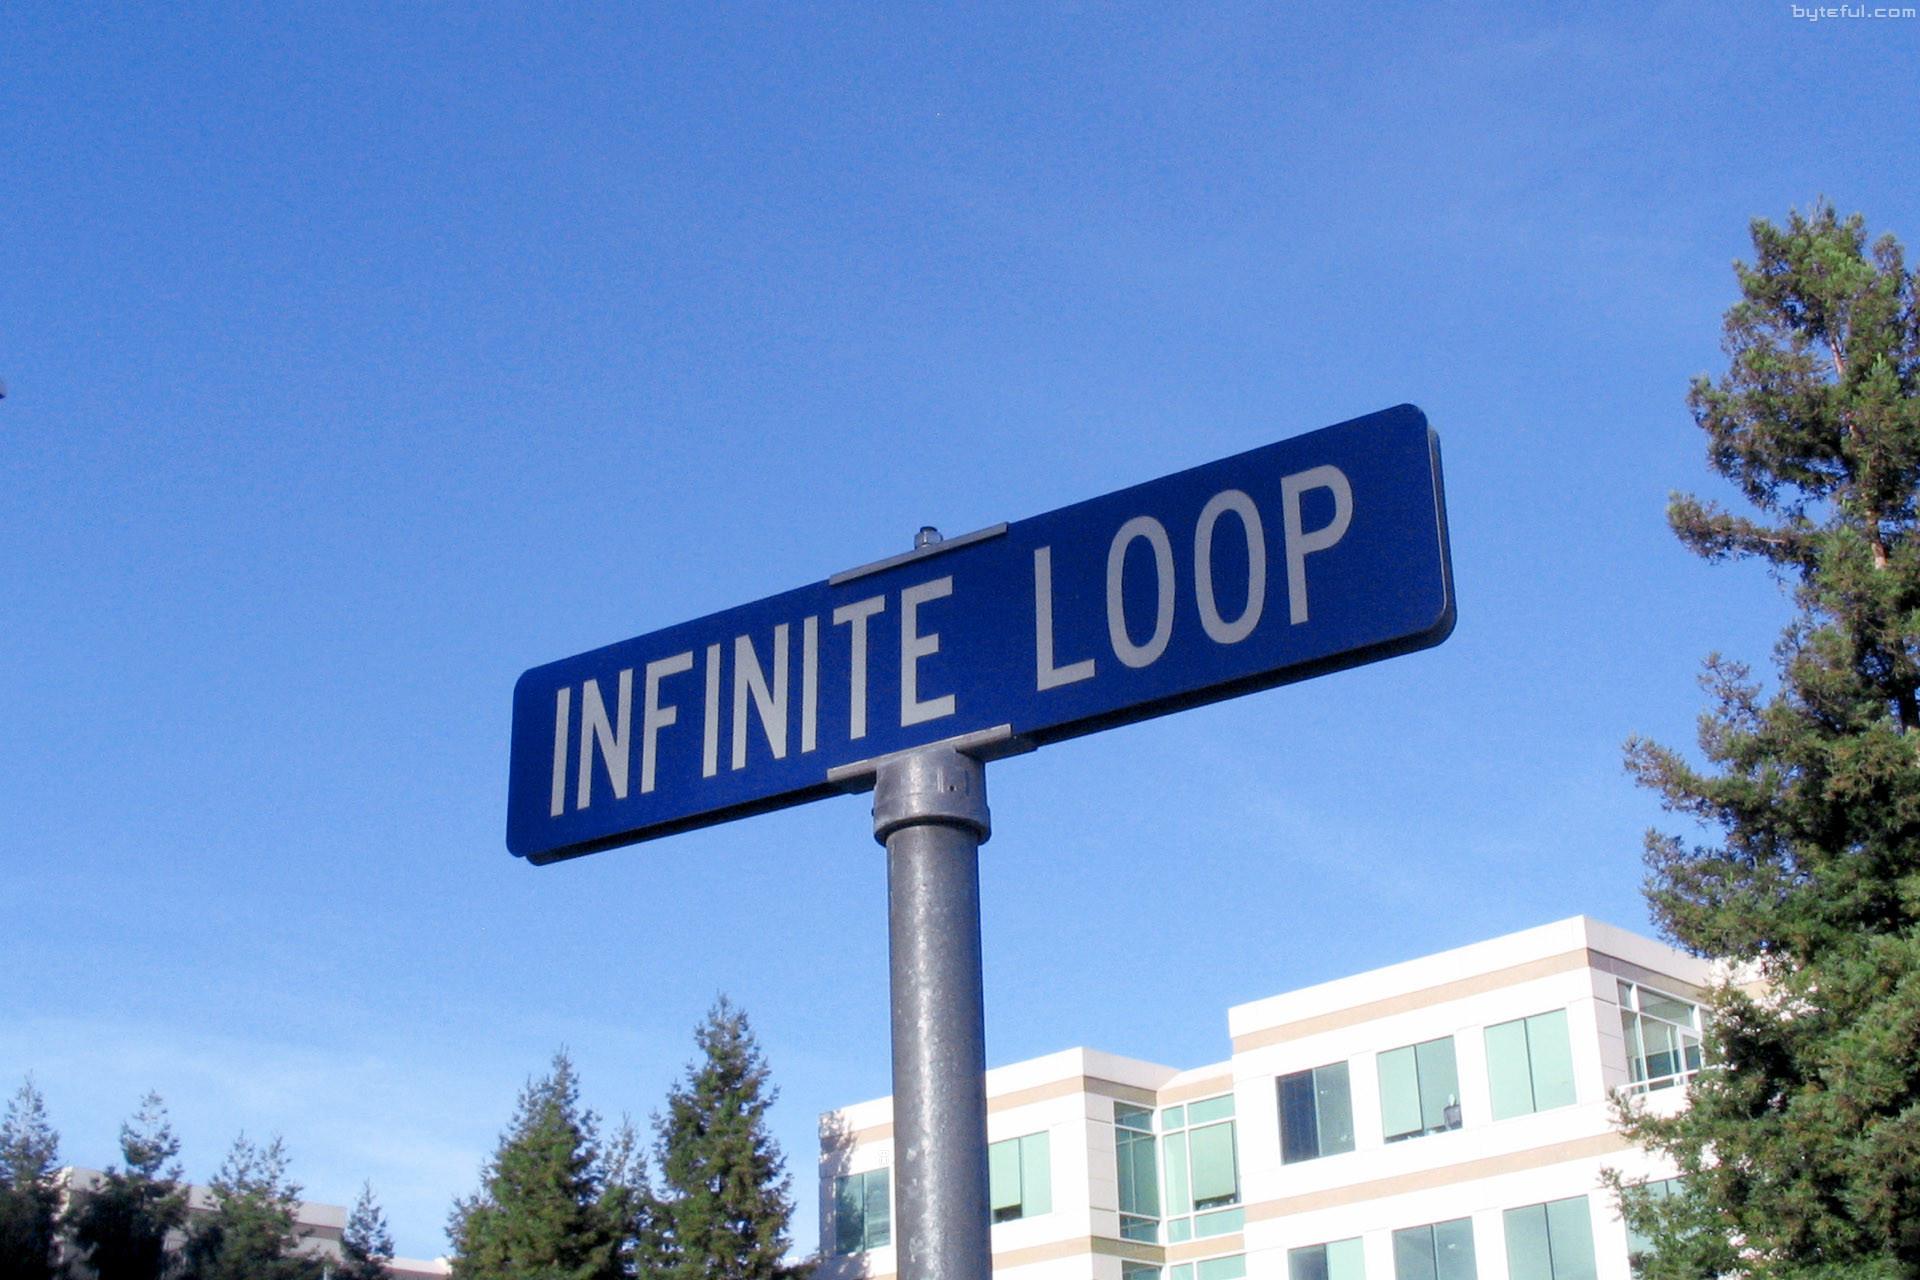 One Infinite Loop